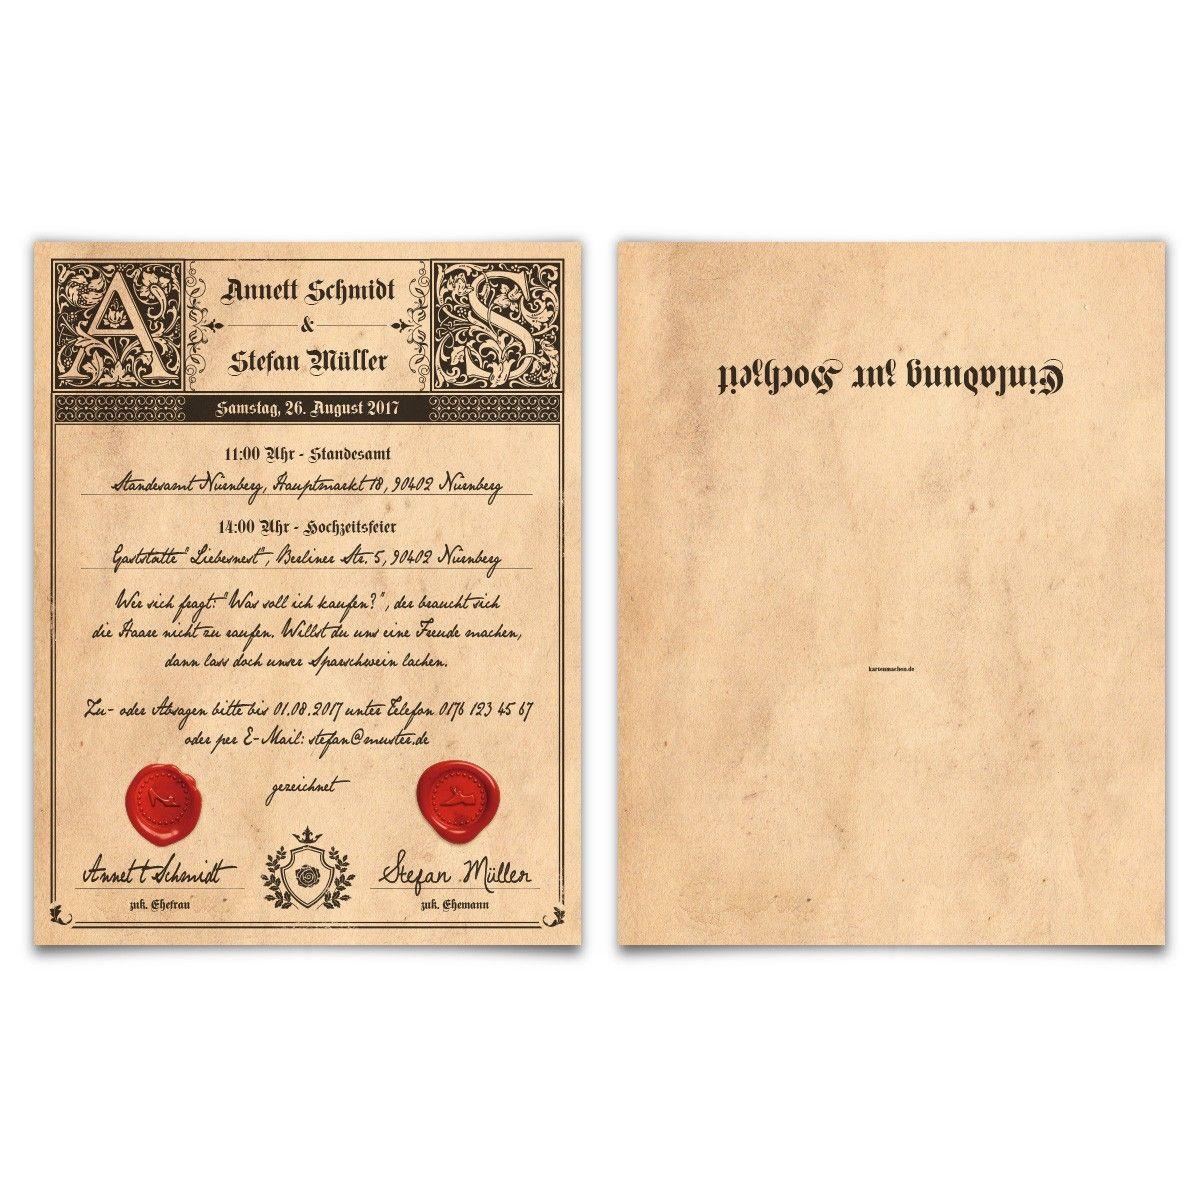 bildergebnis für einladungskarten hochzeit texte gothic